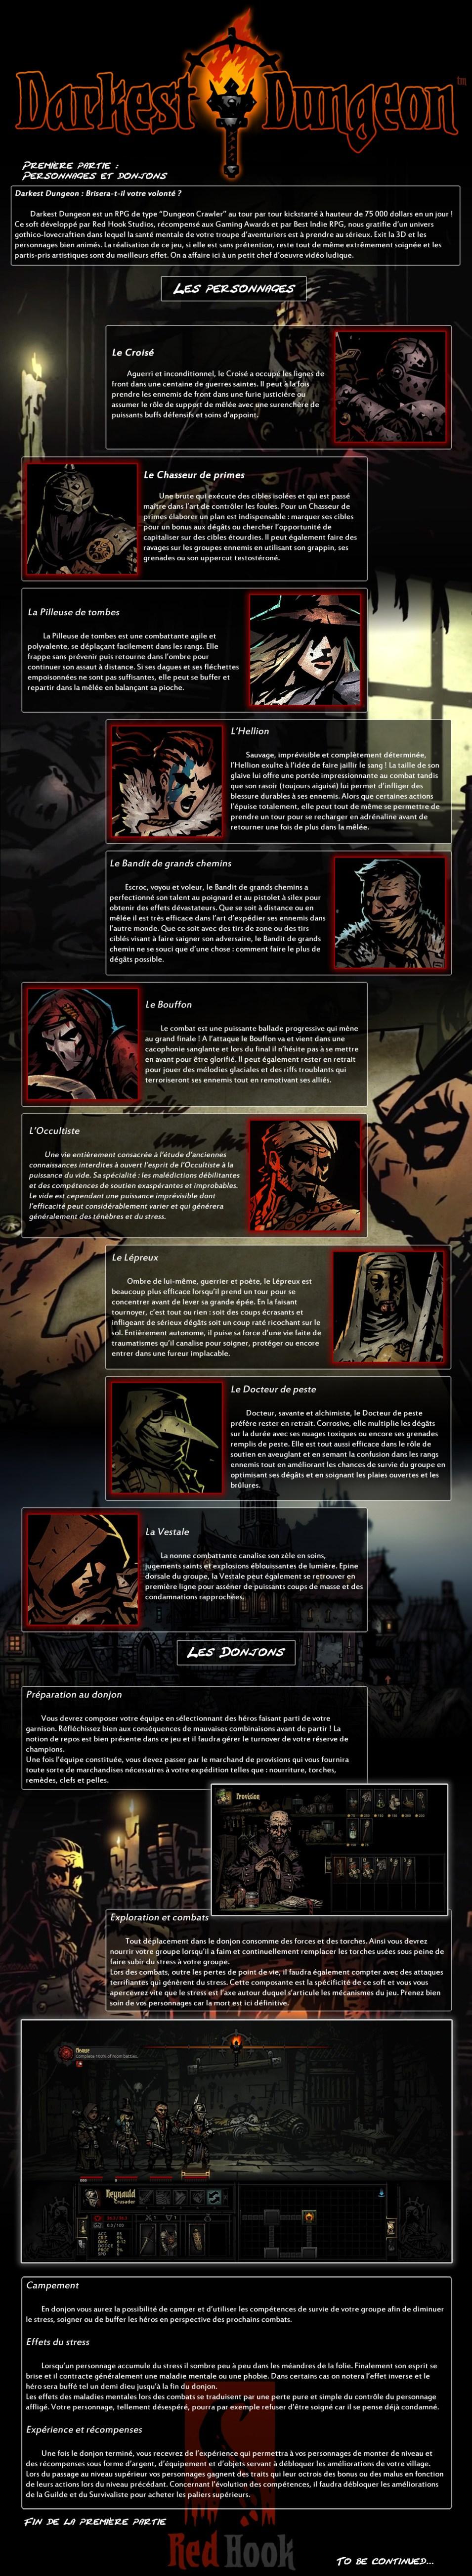 Article-Darkest-Dungeon-Partie-1